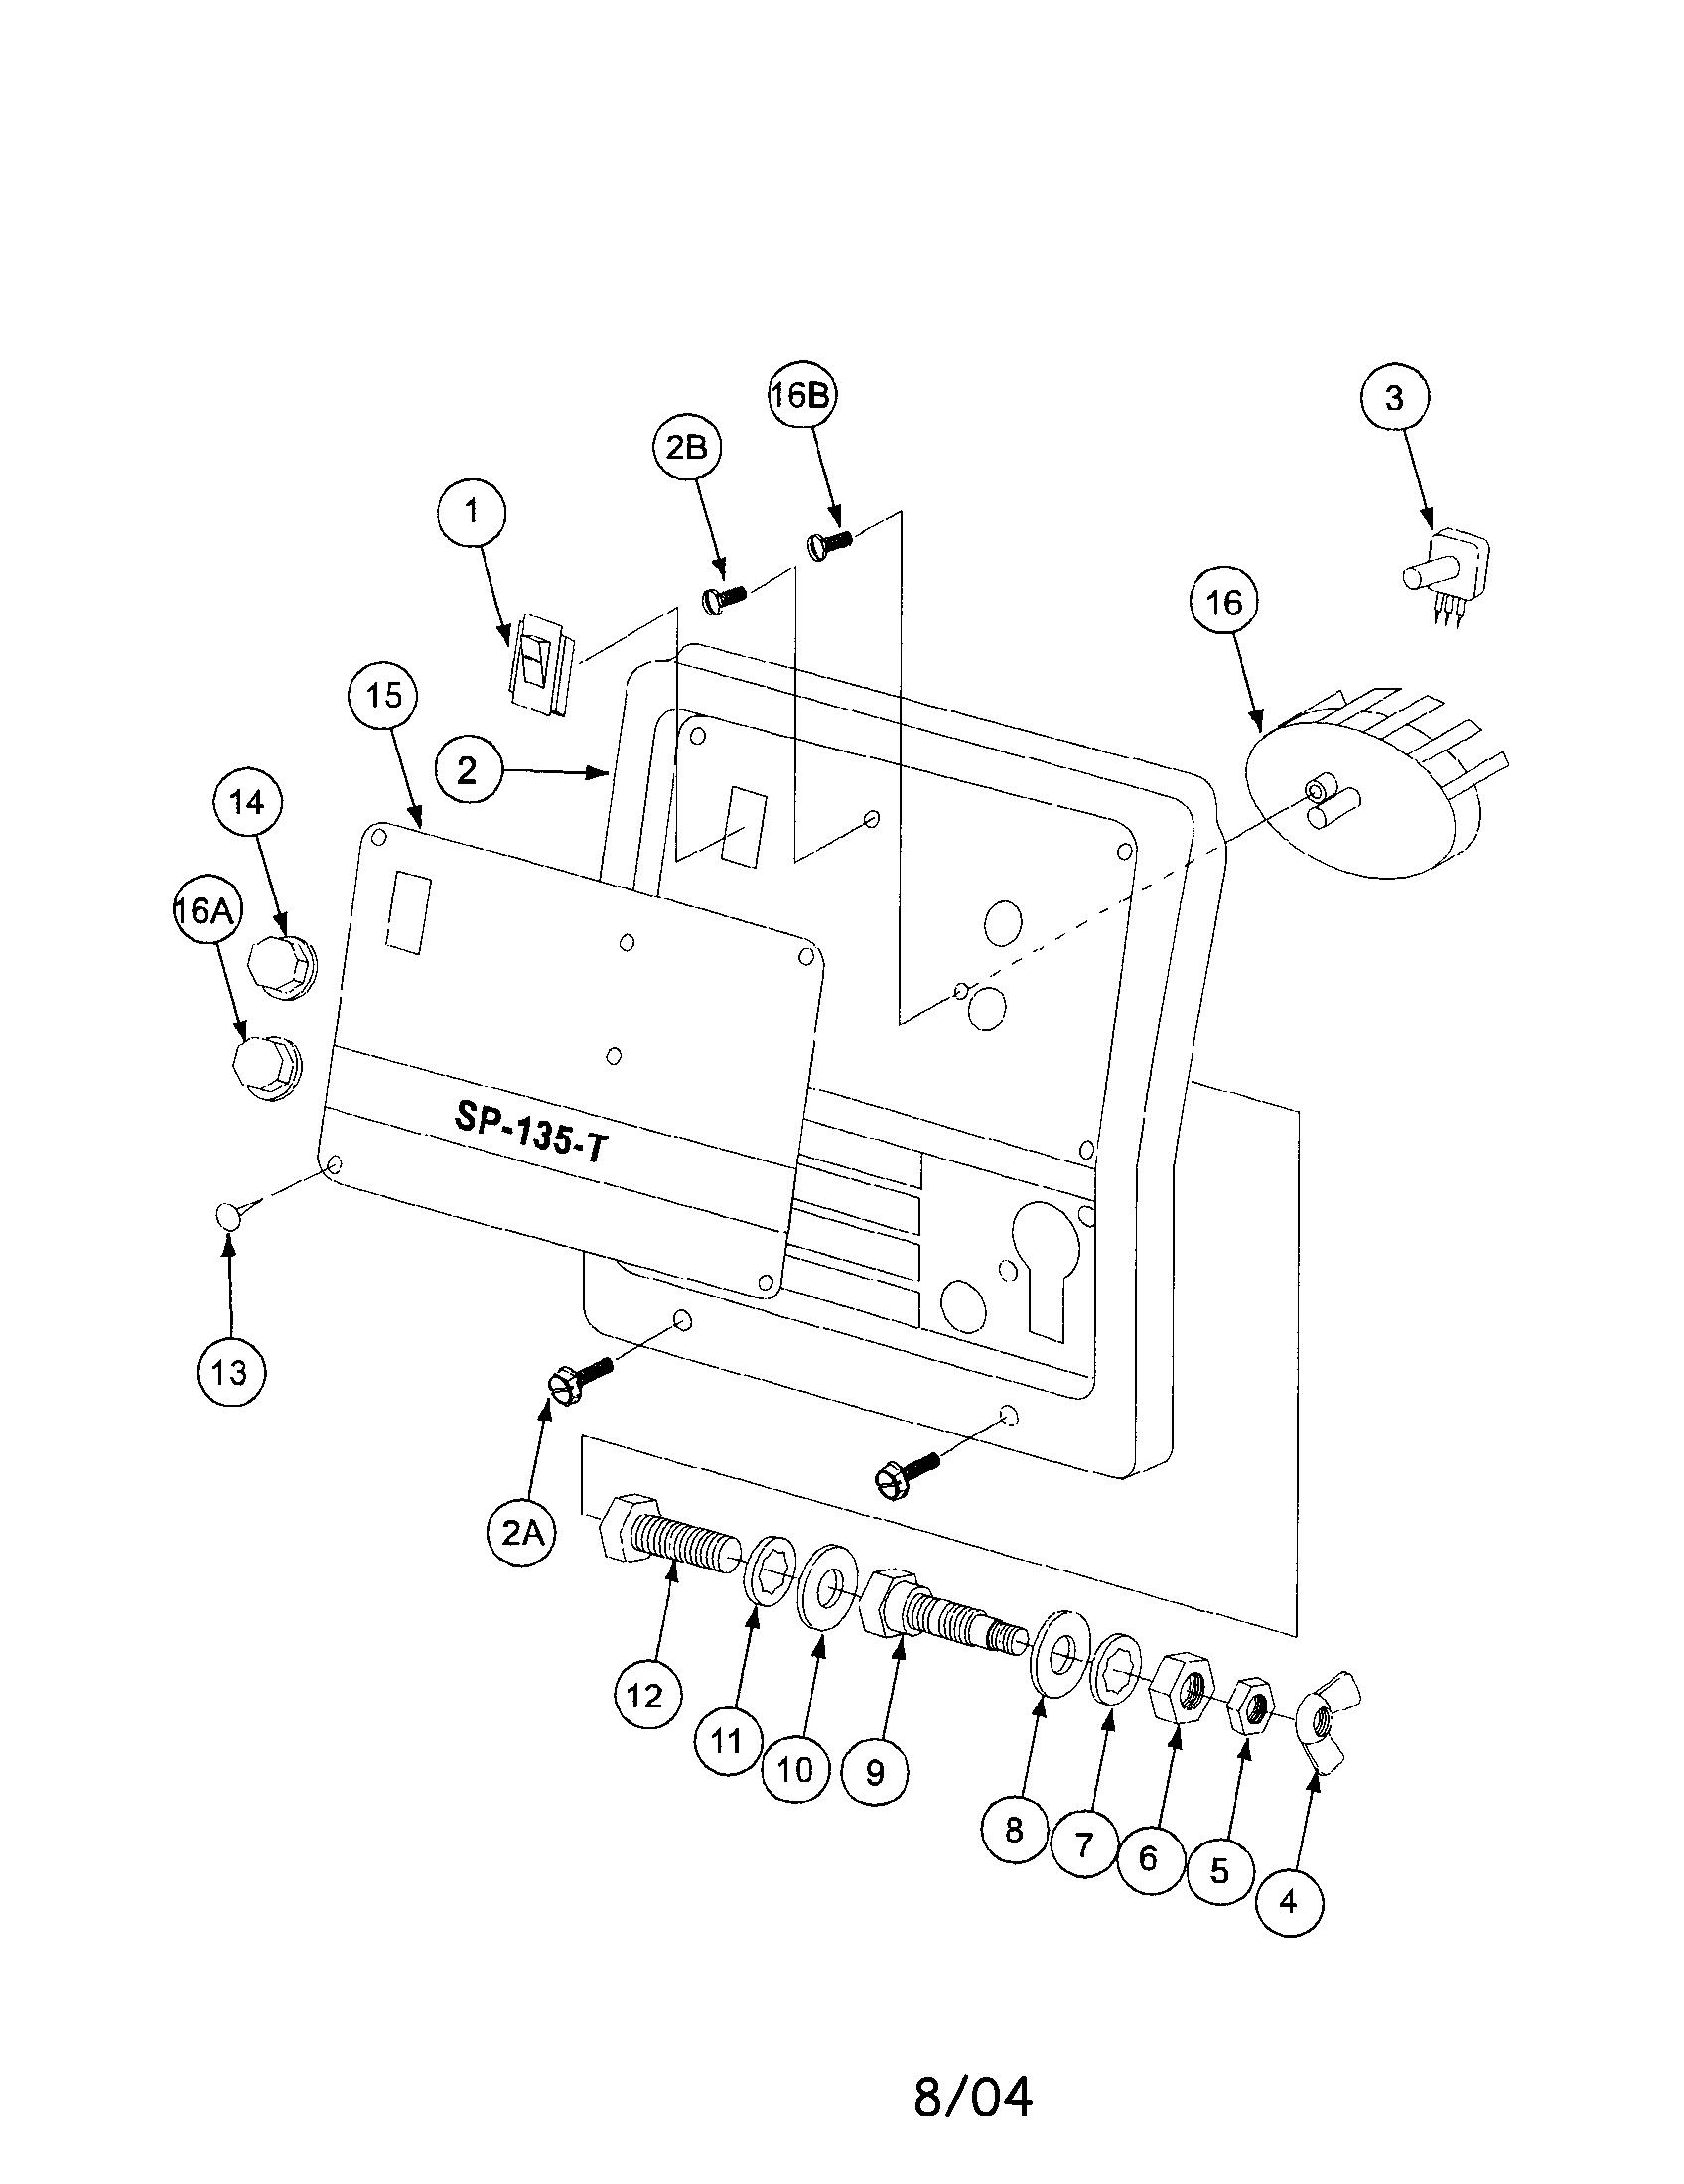 P0408070 00001?resize\\\=665%2C863 weldanpower 225 lincoln welder wiring diagram lincoln welder lincoln weldanpower 150 wiring diagram at webbmarketing.co